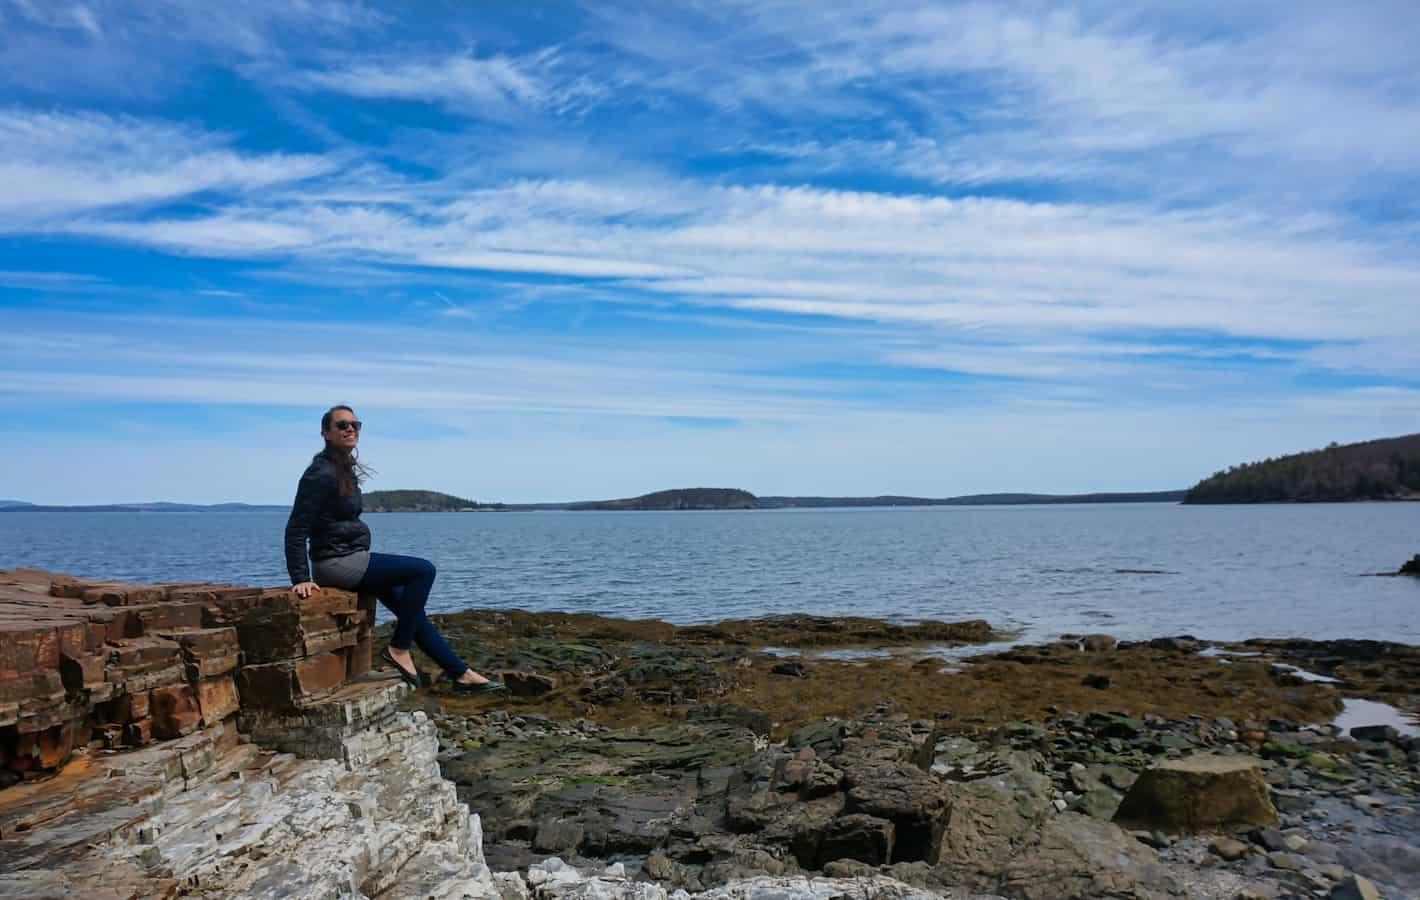 Acadia - Valerie on the Coast